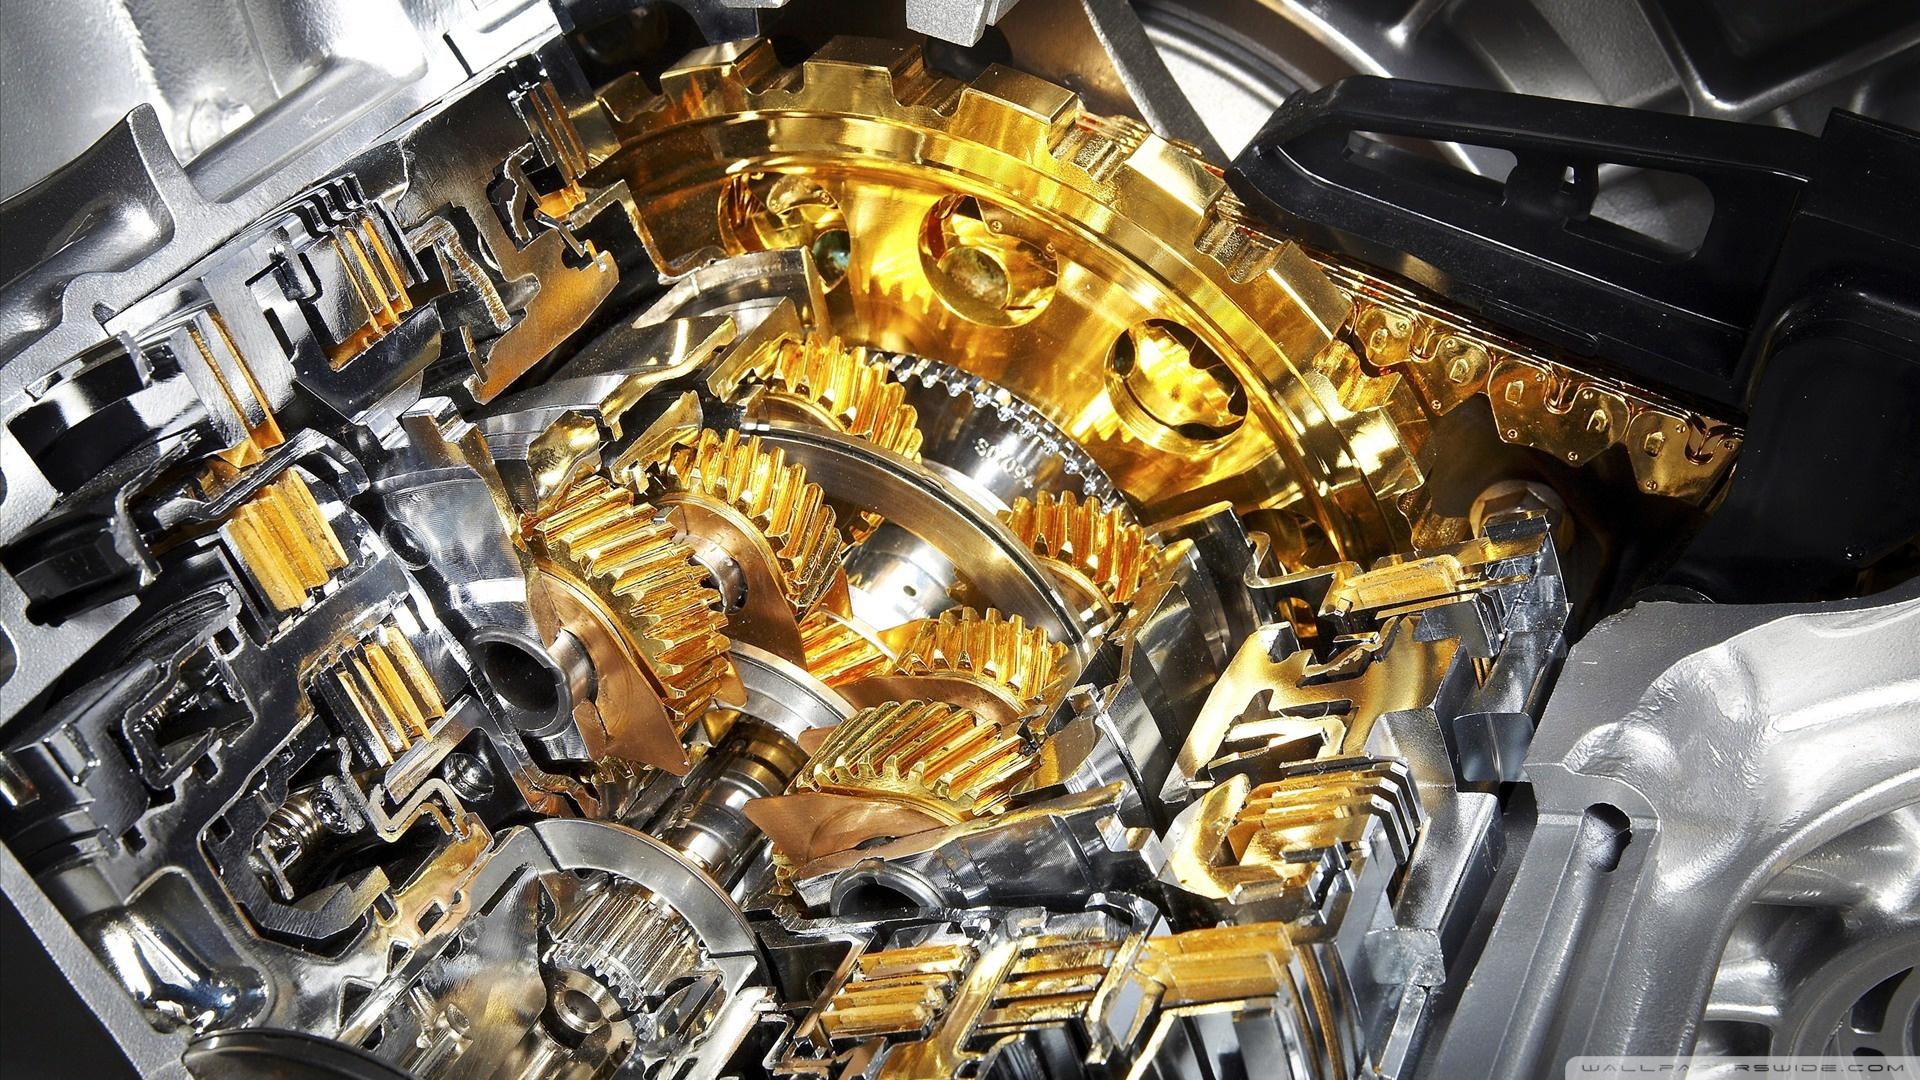 золото-и-хром-двигатель-автомобиля-1920x1080